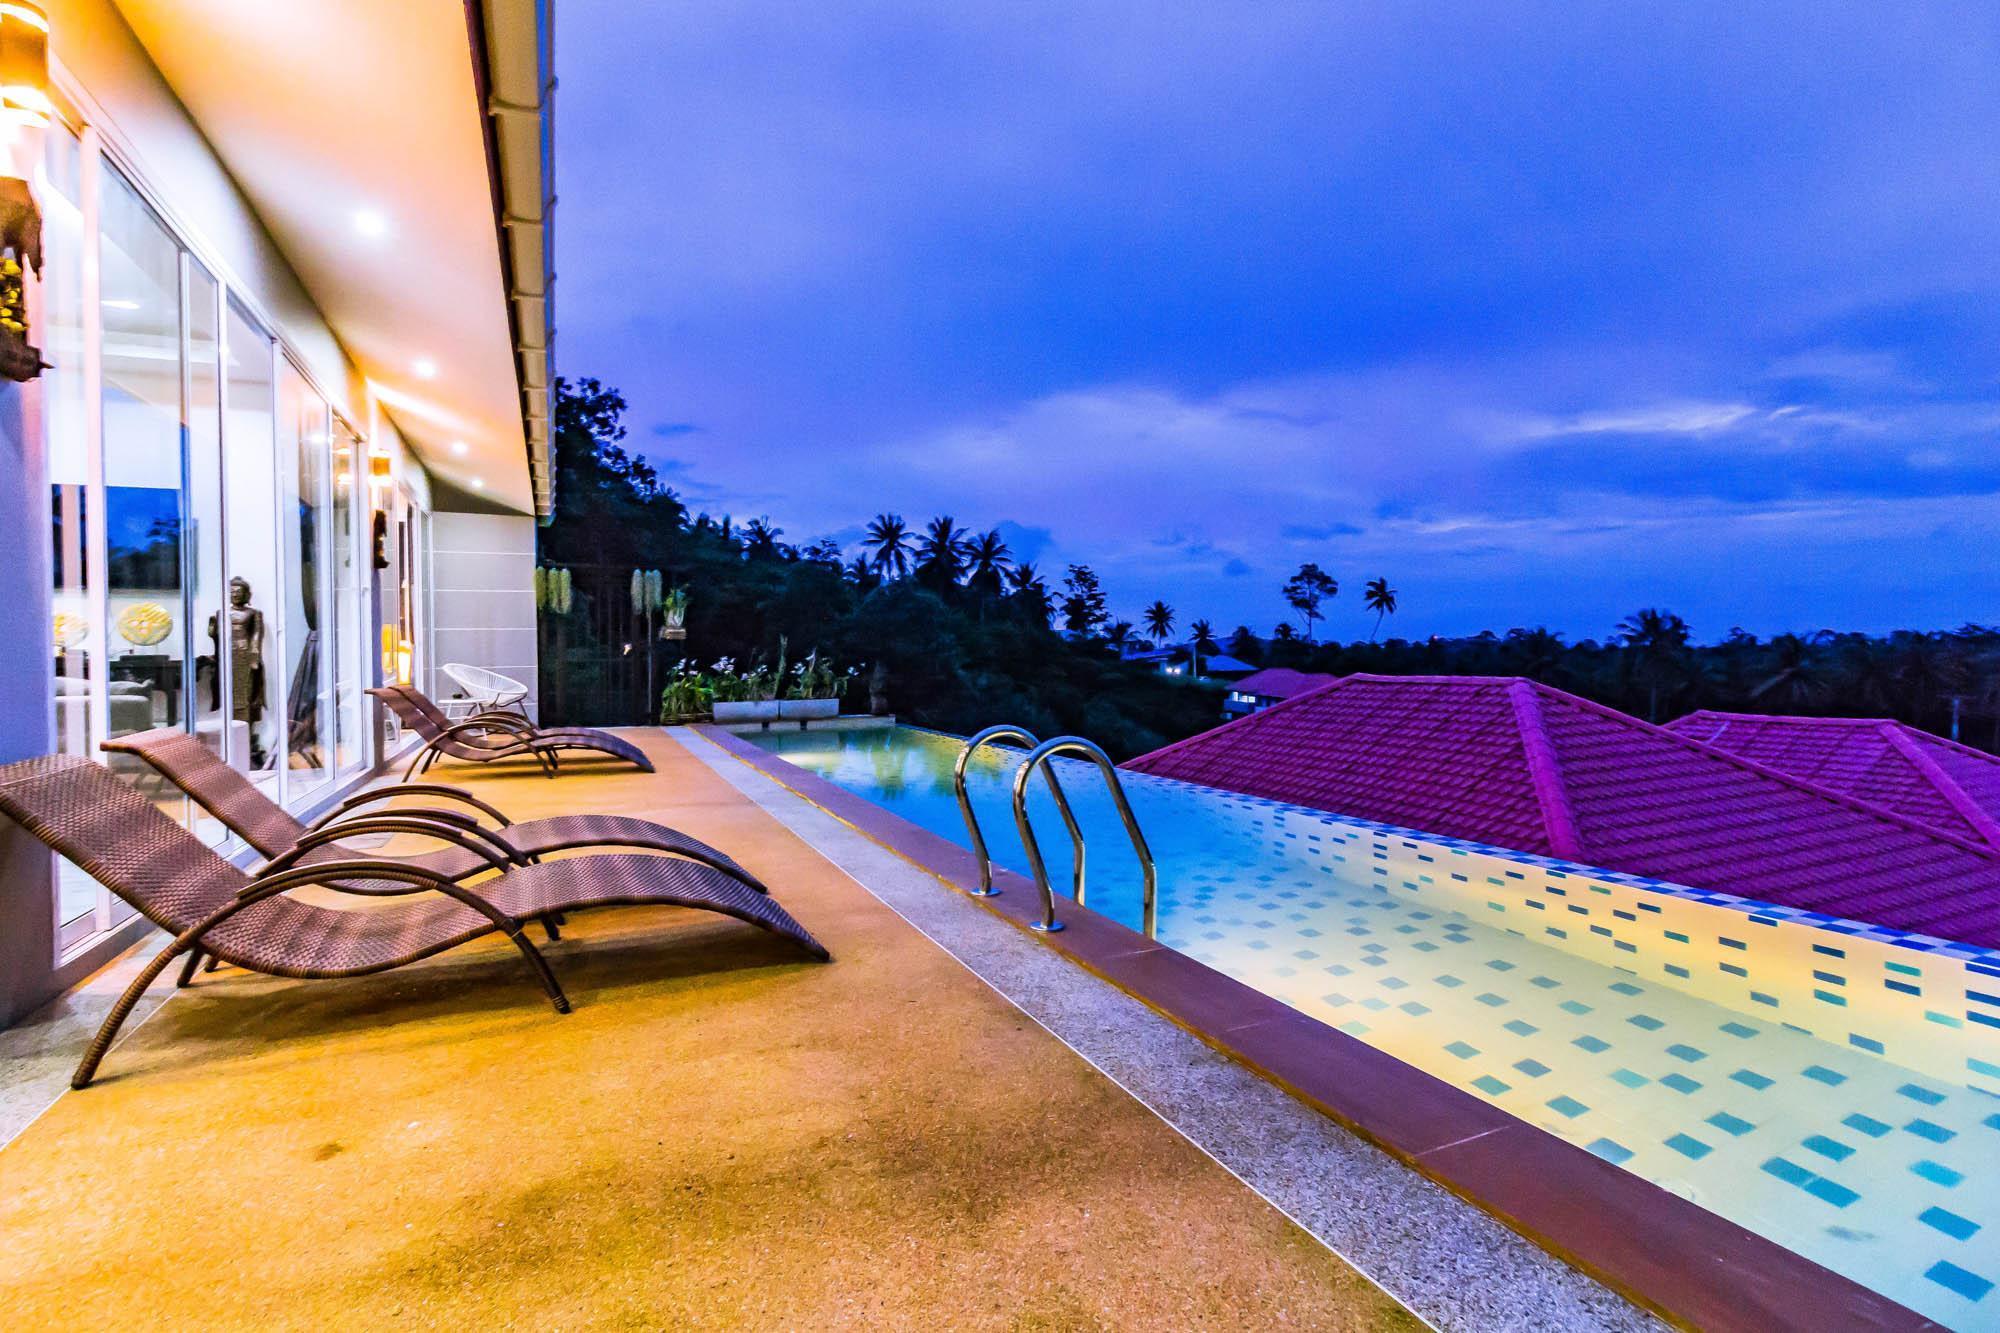 Wanwisa 5 Bedroom Pool Villa